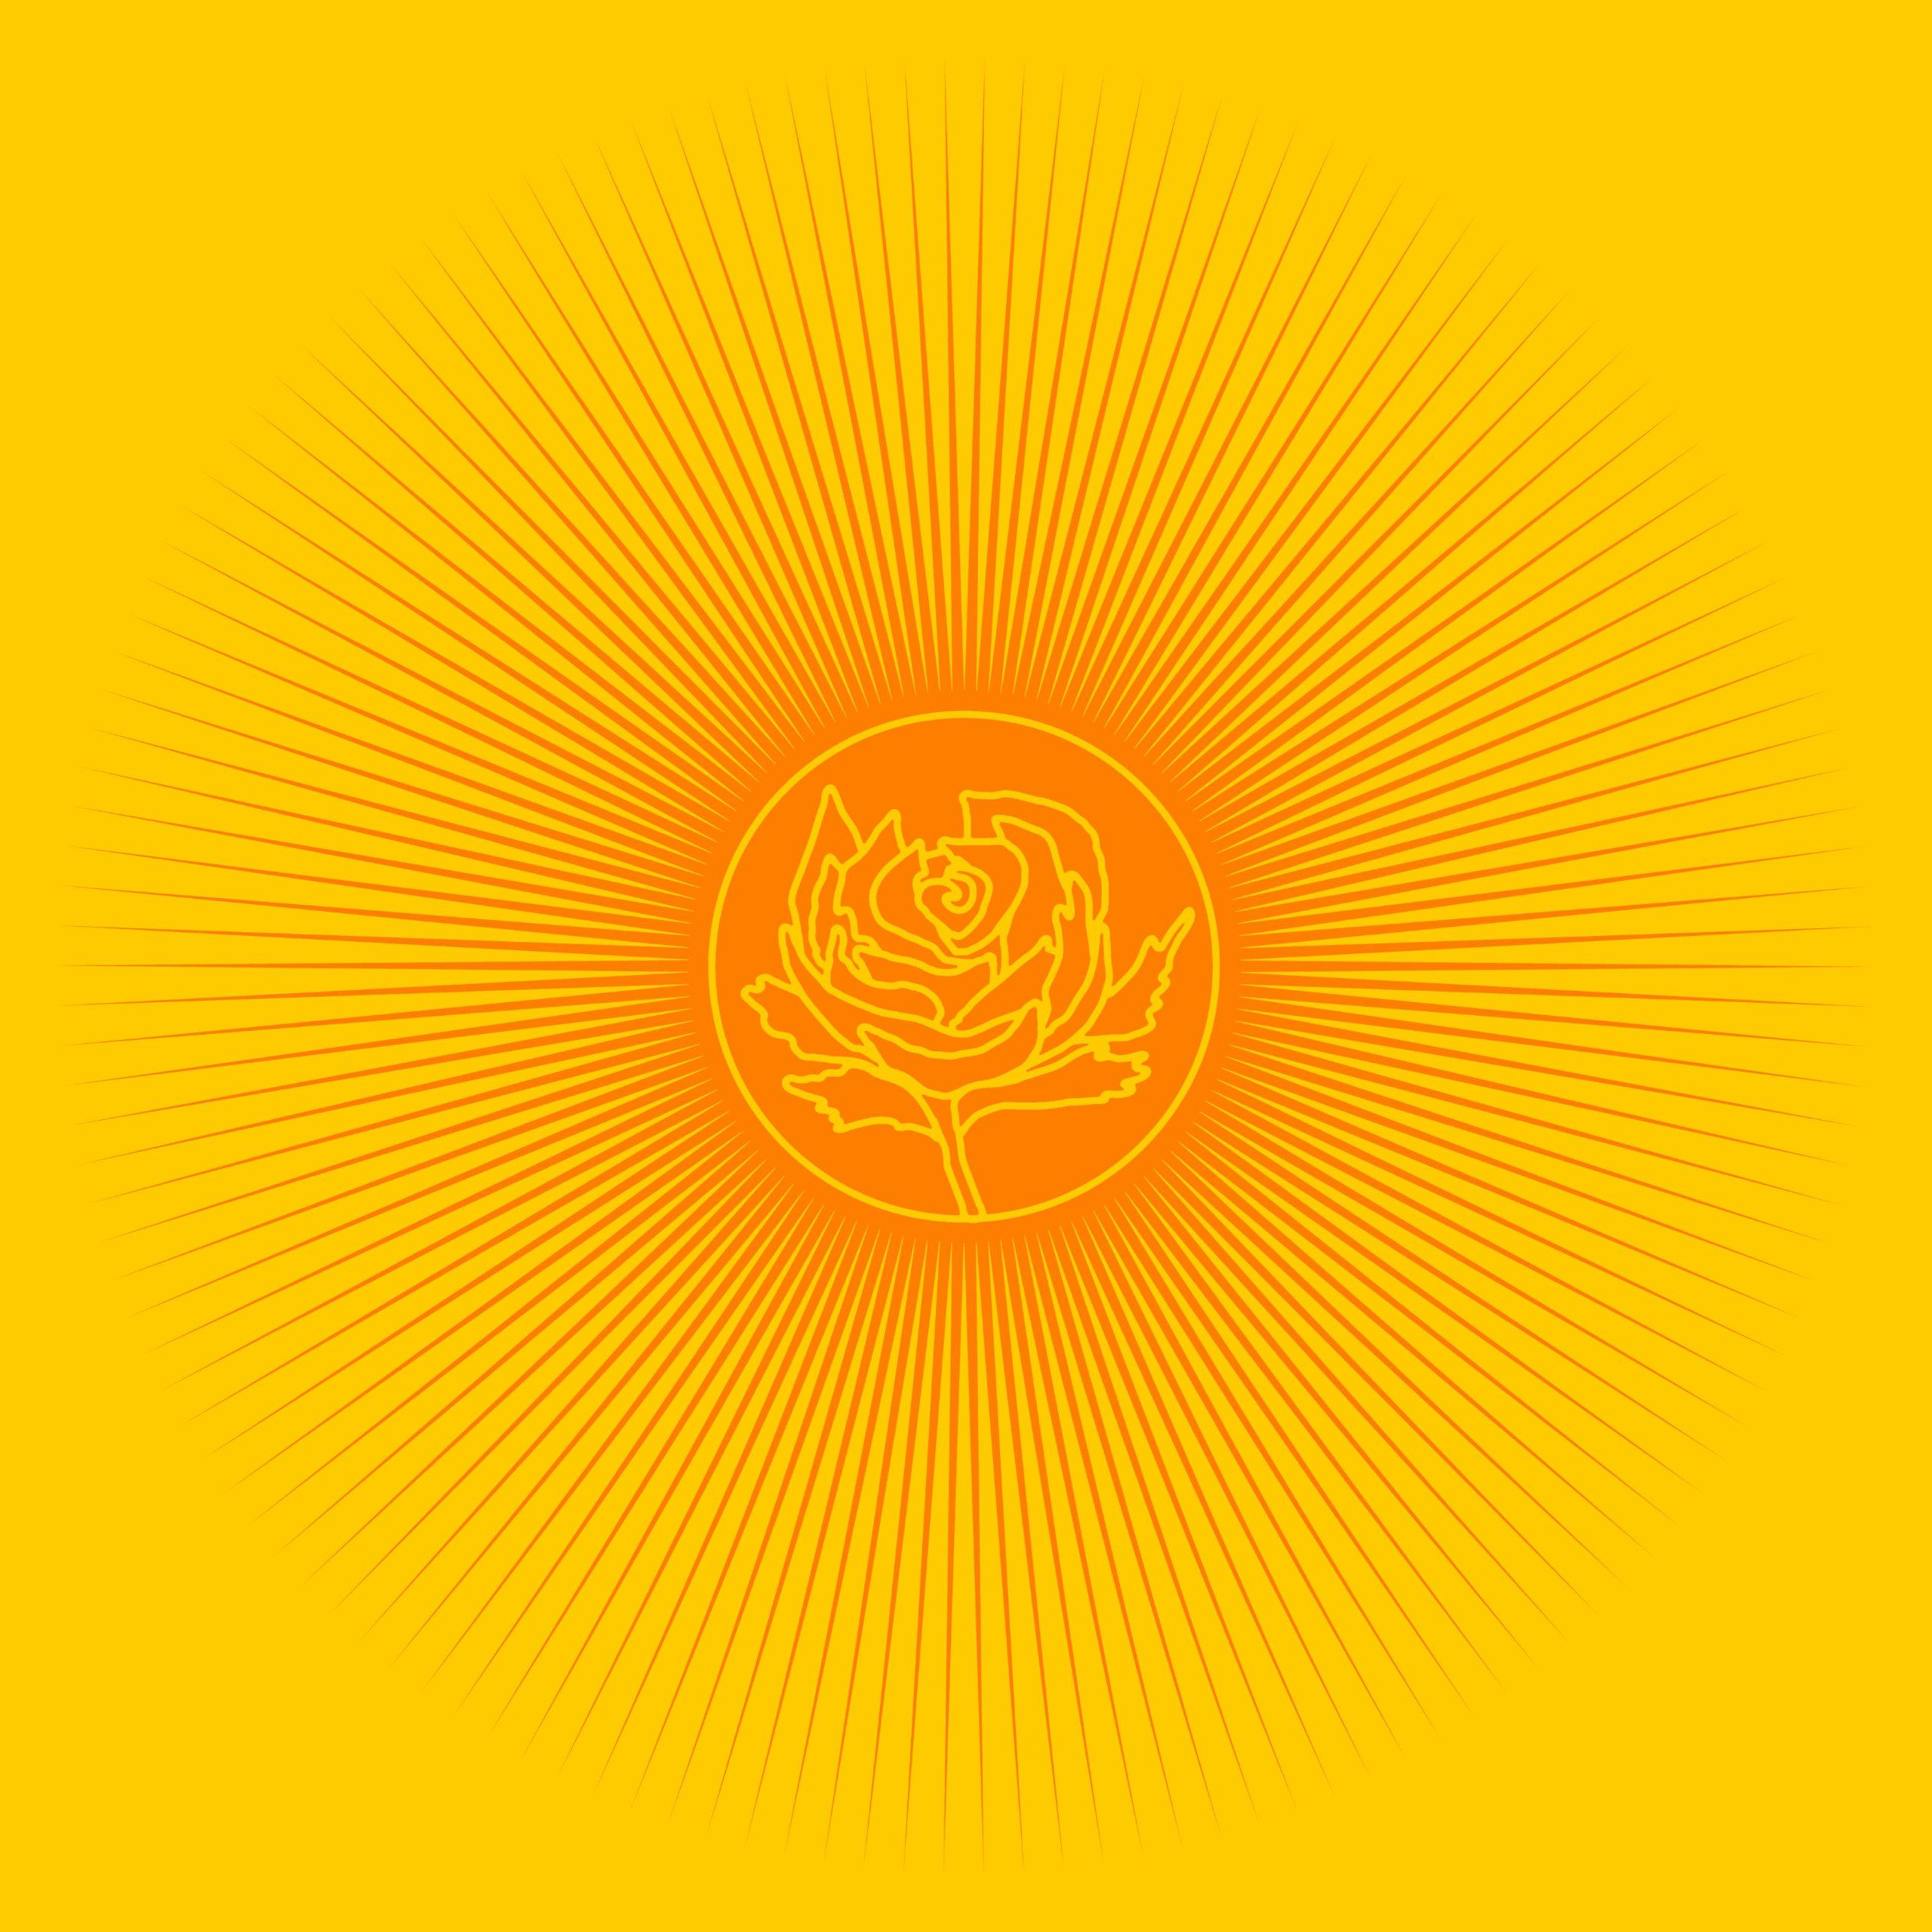 Easy Tiger Colored Vinyl - Ryan Adams - Musik - LOST HIGHWAY - 0602517344105 - 26/6-2007